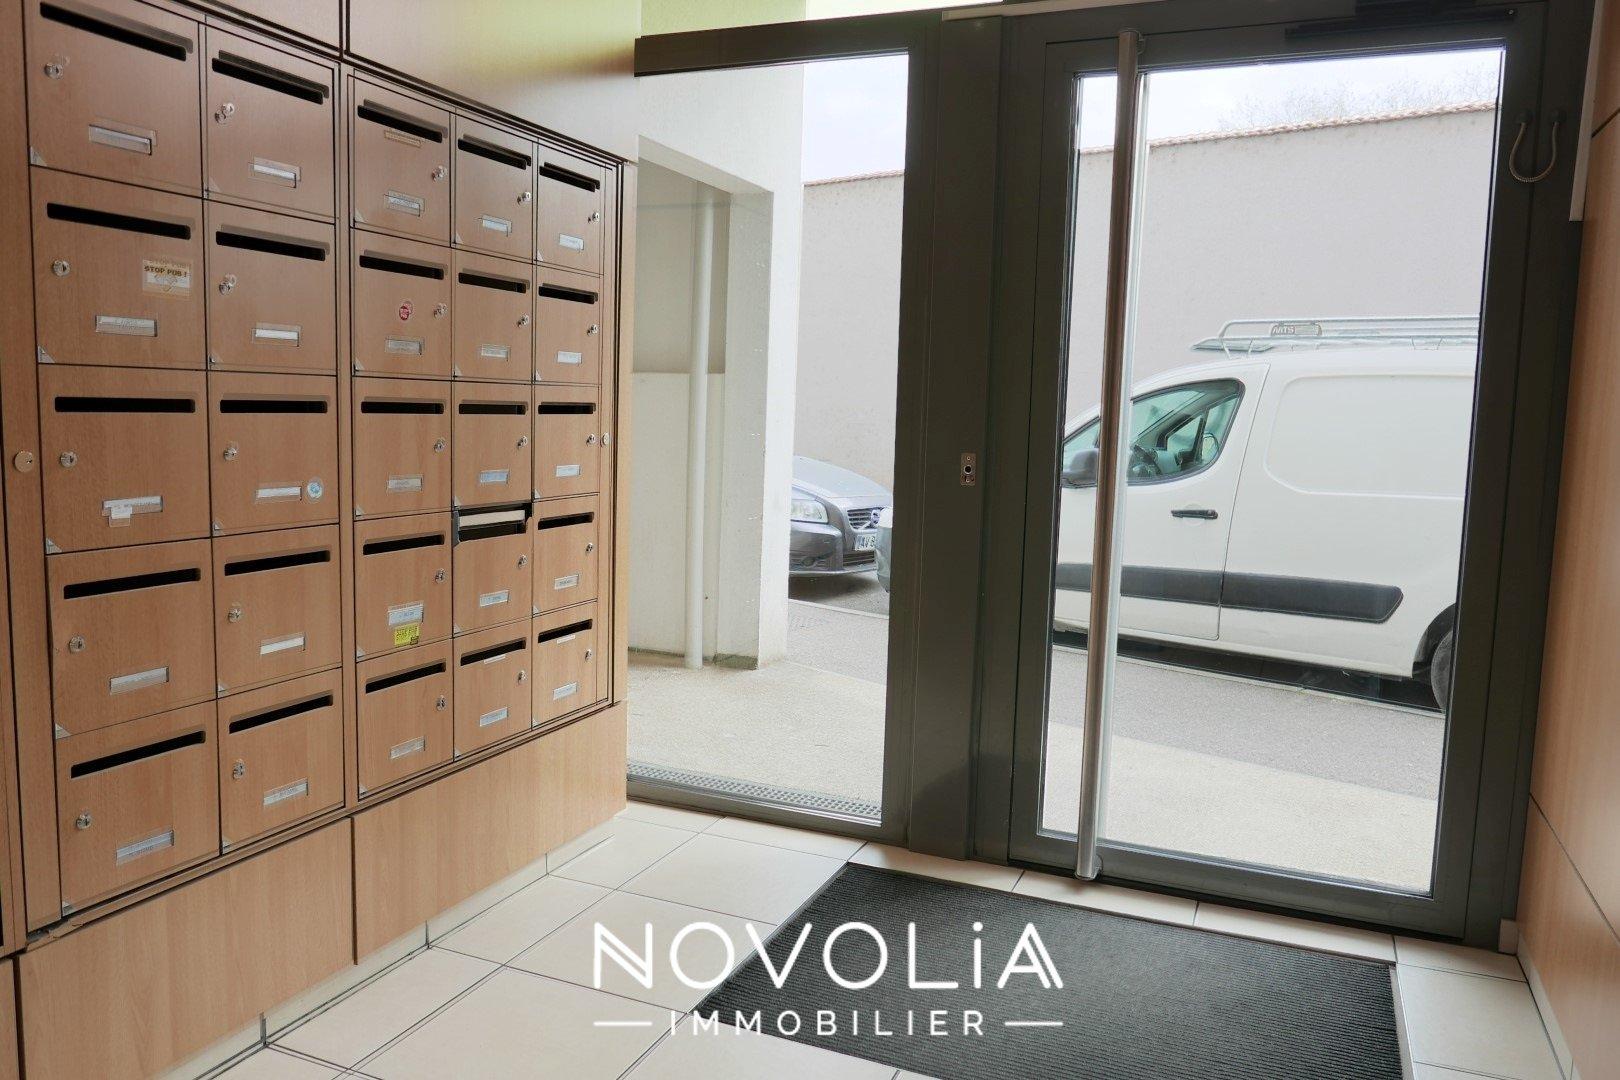 Achat Appartement, Surface de 30 m²/ Total carrez : 30 m², 1 pièce, Lyon 7ème (69007)